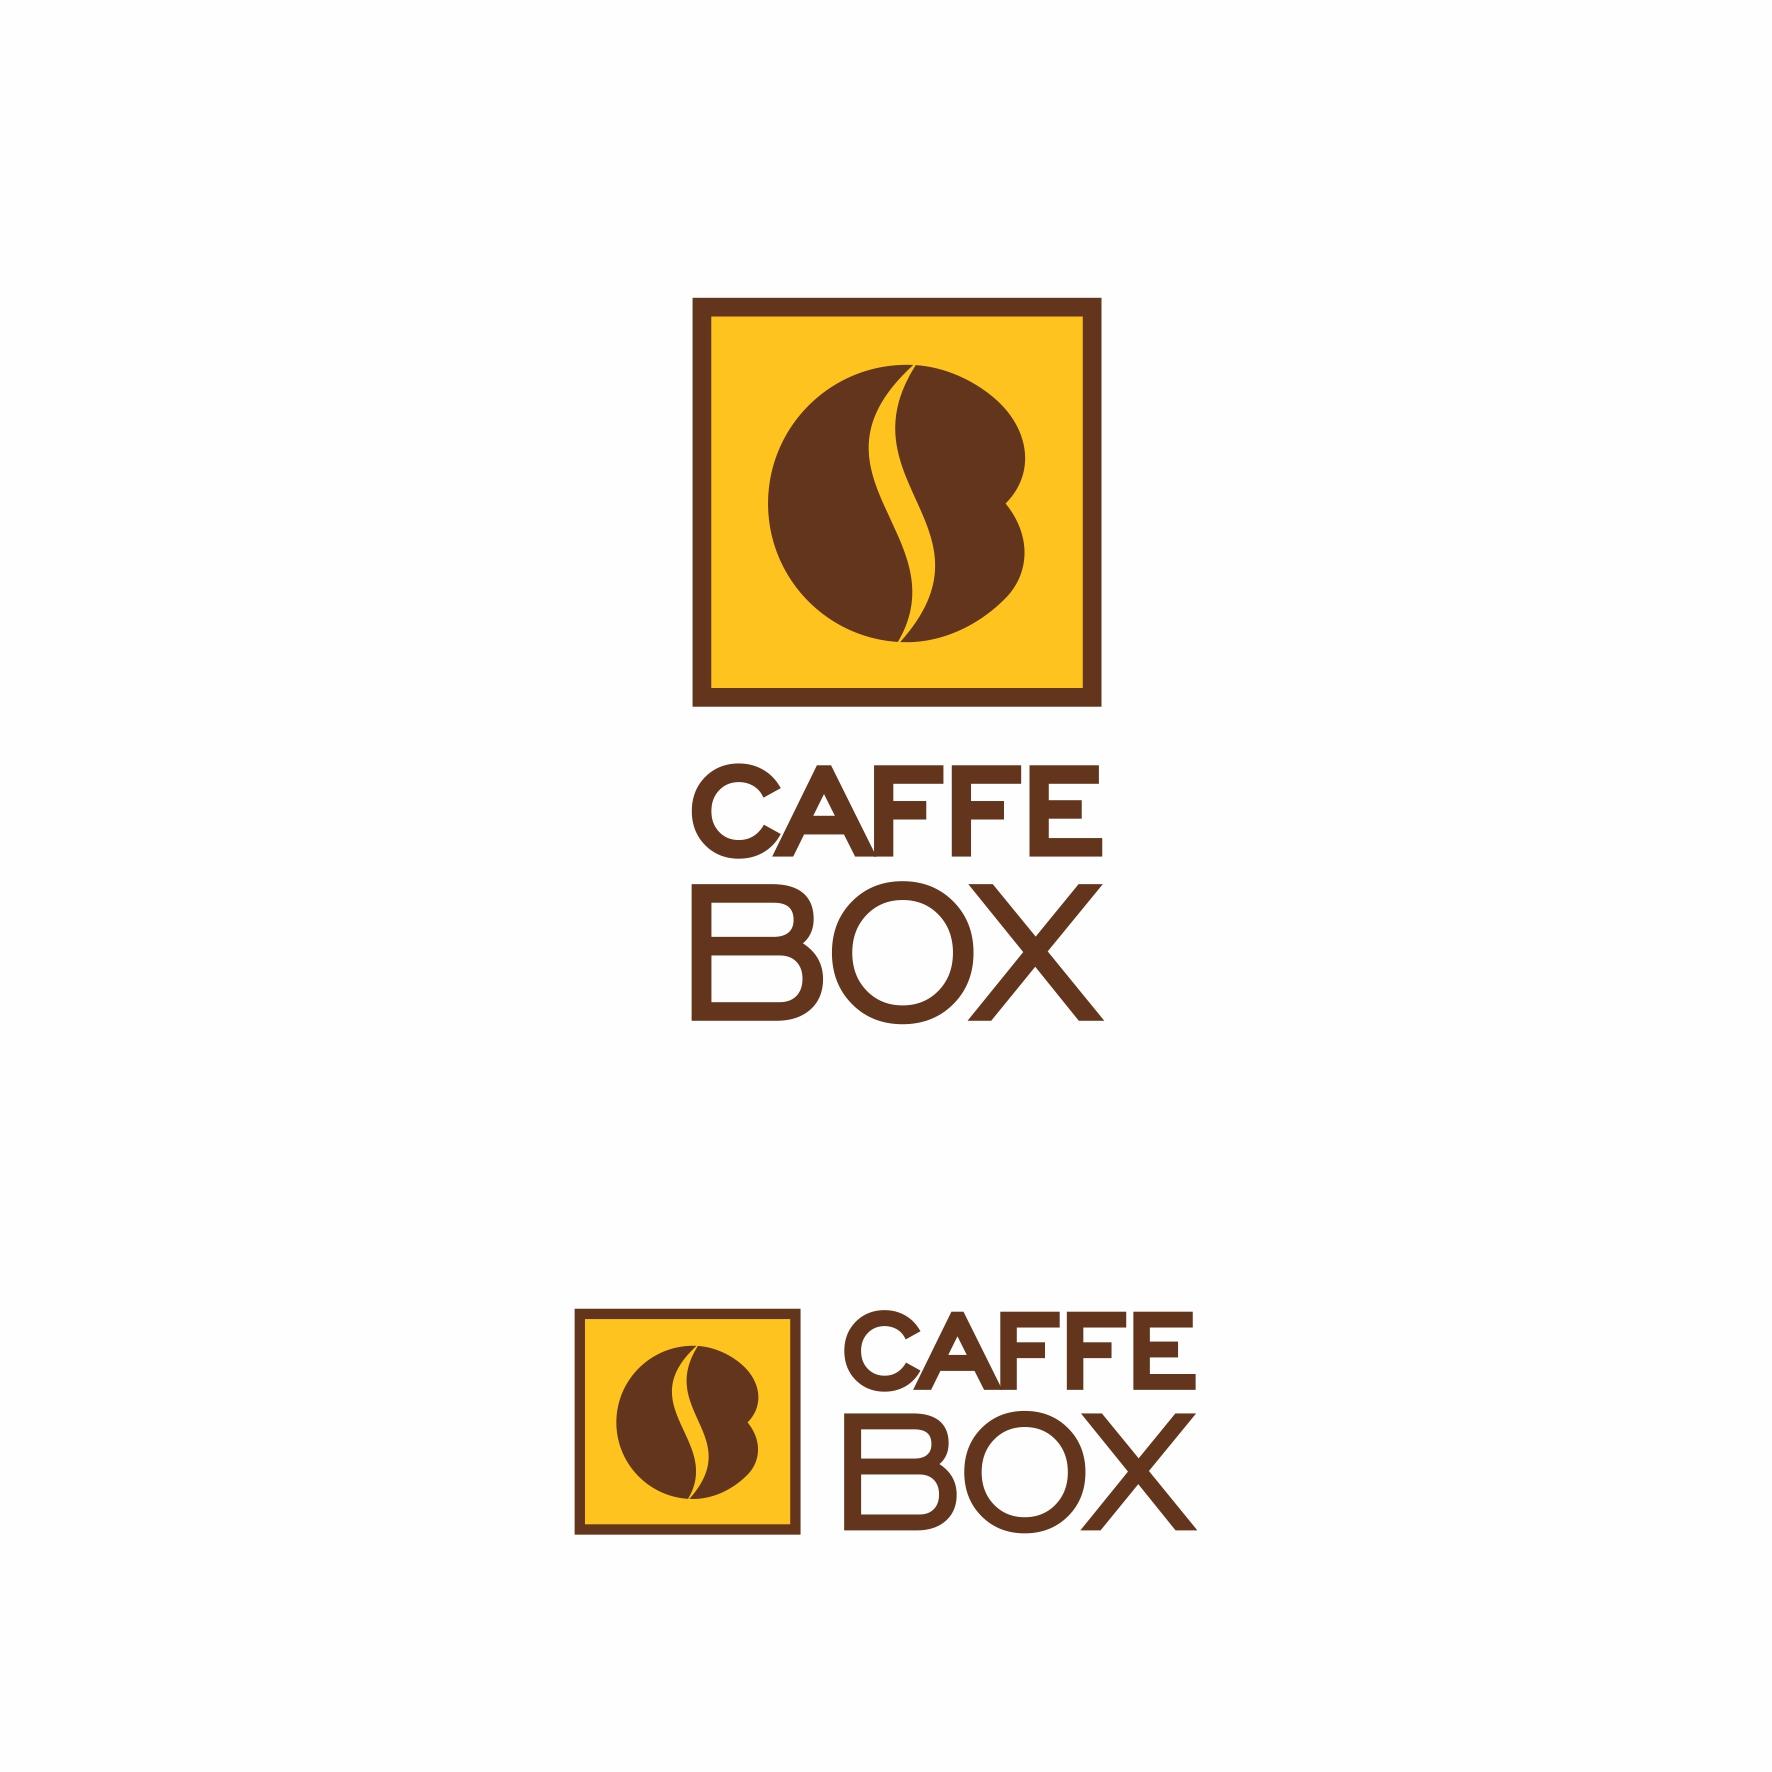 Требуется очень срочно разработать логотип кофейни! фото f_8425a0bef3168617.jpg